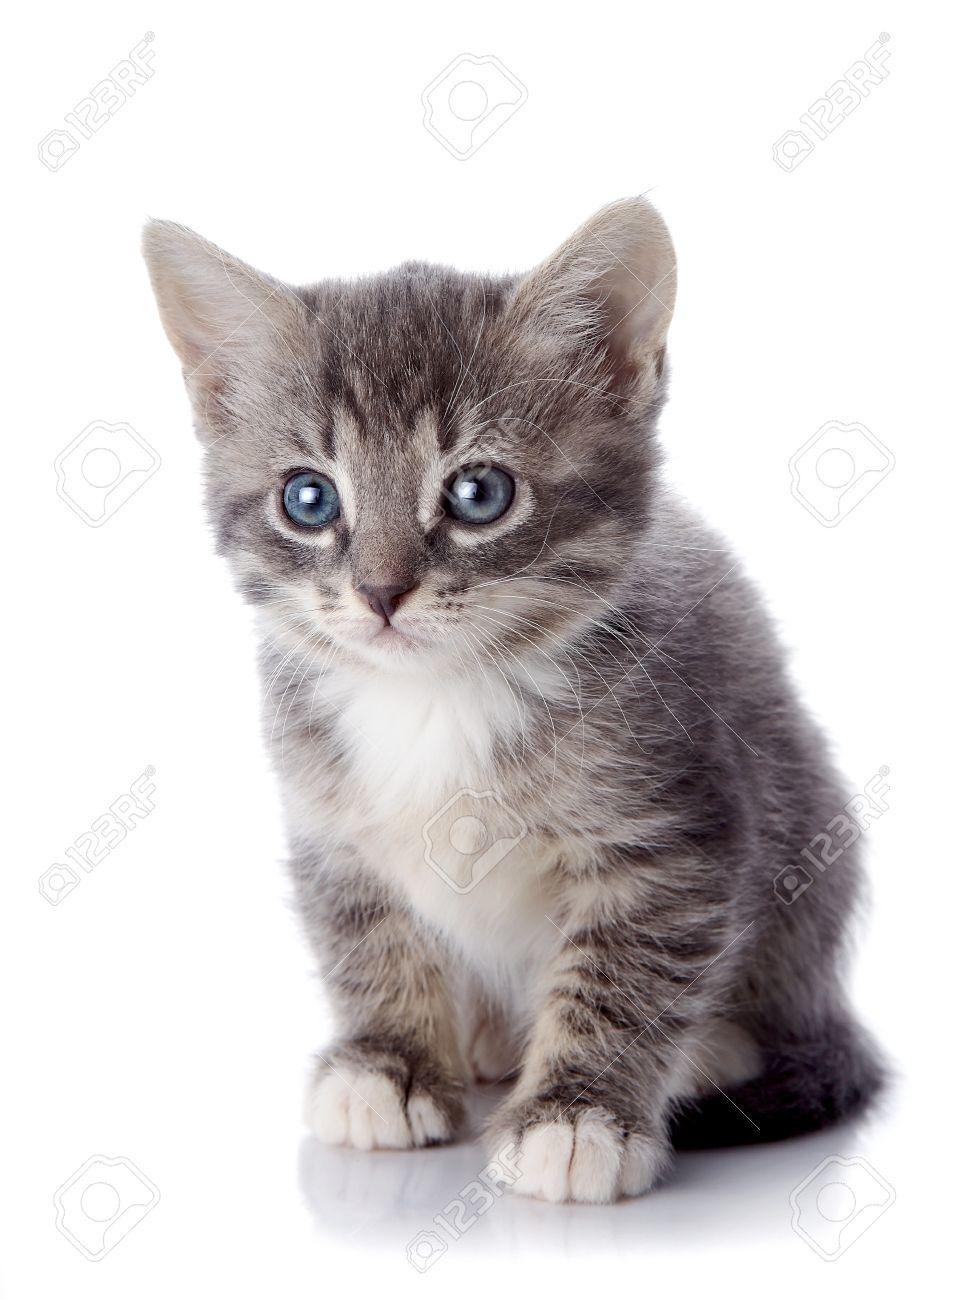 Gray Striped Kitten Striped Kitten With Blue Eyes Kitten